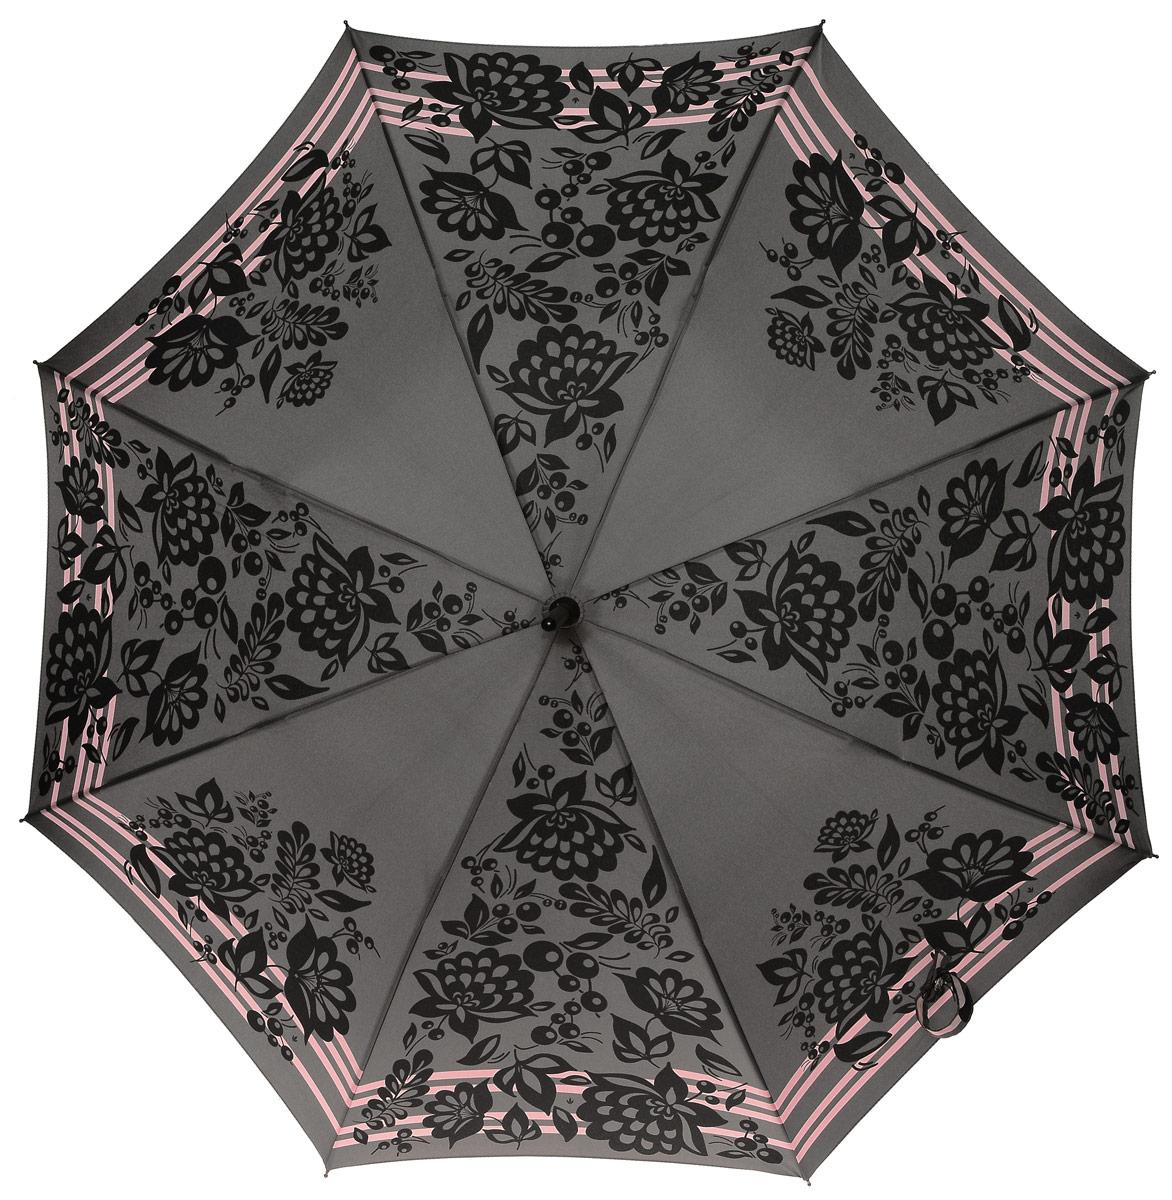 Зонт женский трость Fulton, расцветка: расцветкаы. L056-2831 WinterBloomL056-2831 WinterBloomС этой прочной и при этом облегченной тростью у Вас будет поистине роскошный вид. Увеличенный купол 100 см в диаметре. Удобная технология открывания и закрывания. Надежная конструкция из фибергласса устойчива даже при сильном ветре. Красивый, элегантный узор. Длина в сложенном виде 88 см.